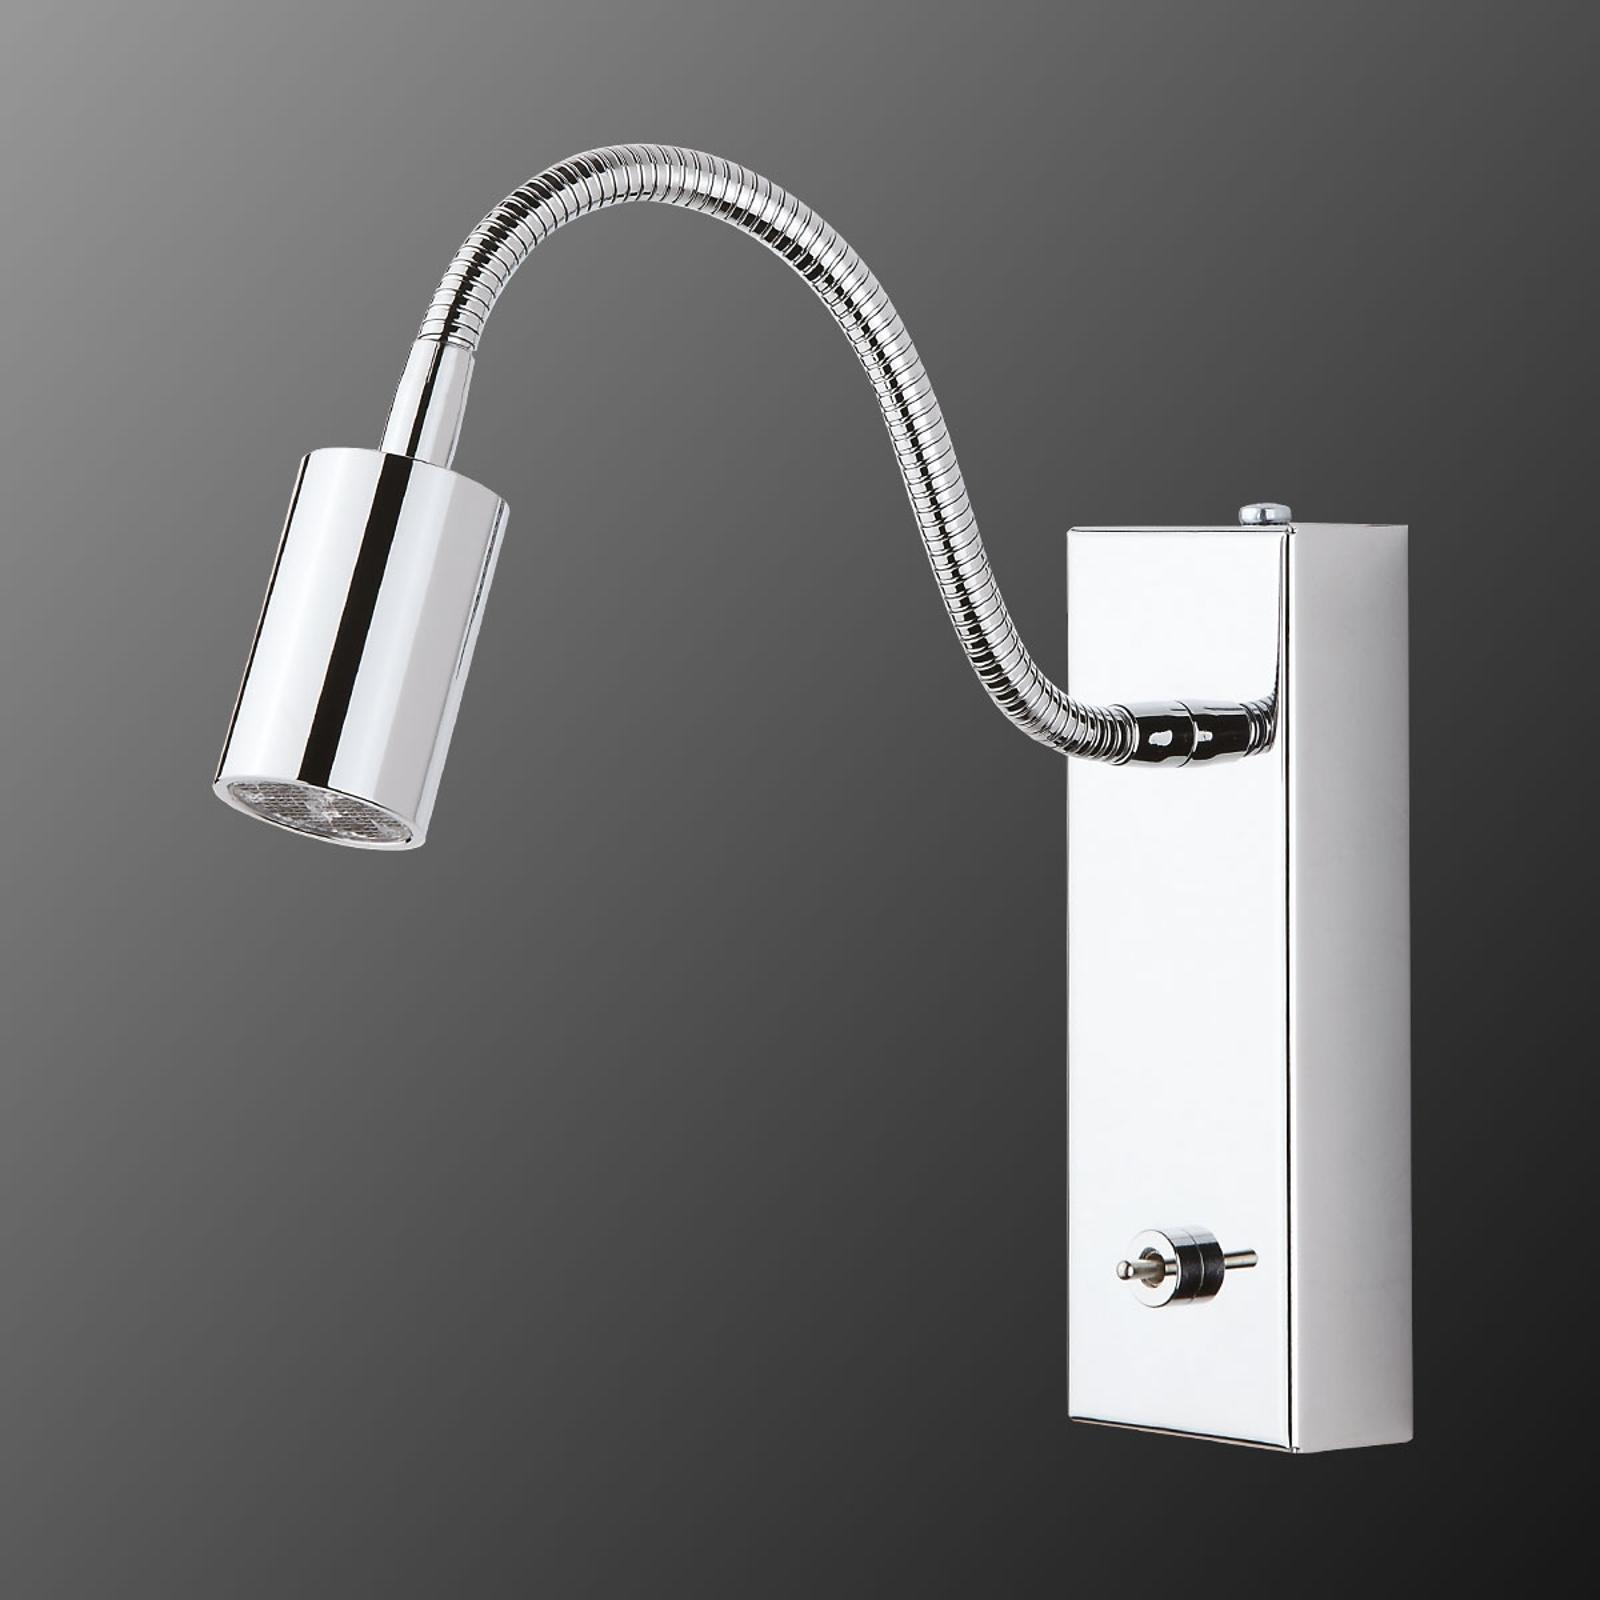 LED-vegglampe med bryter